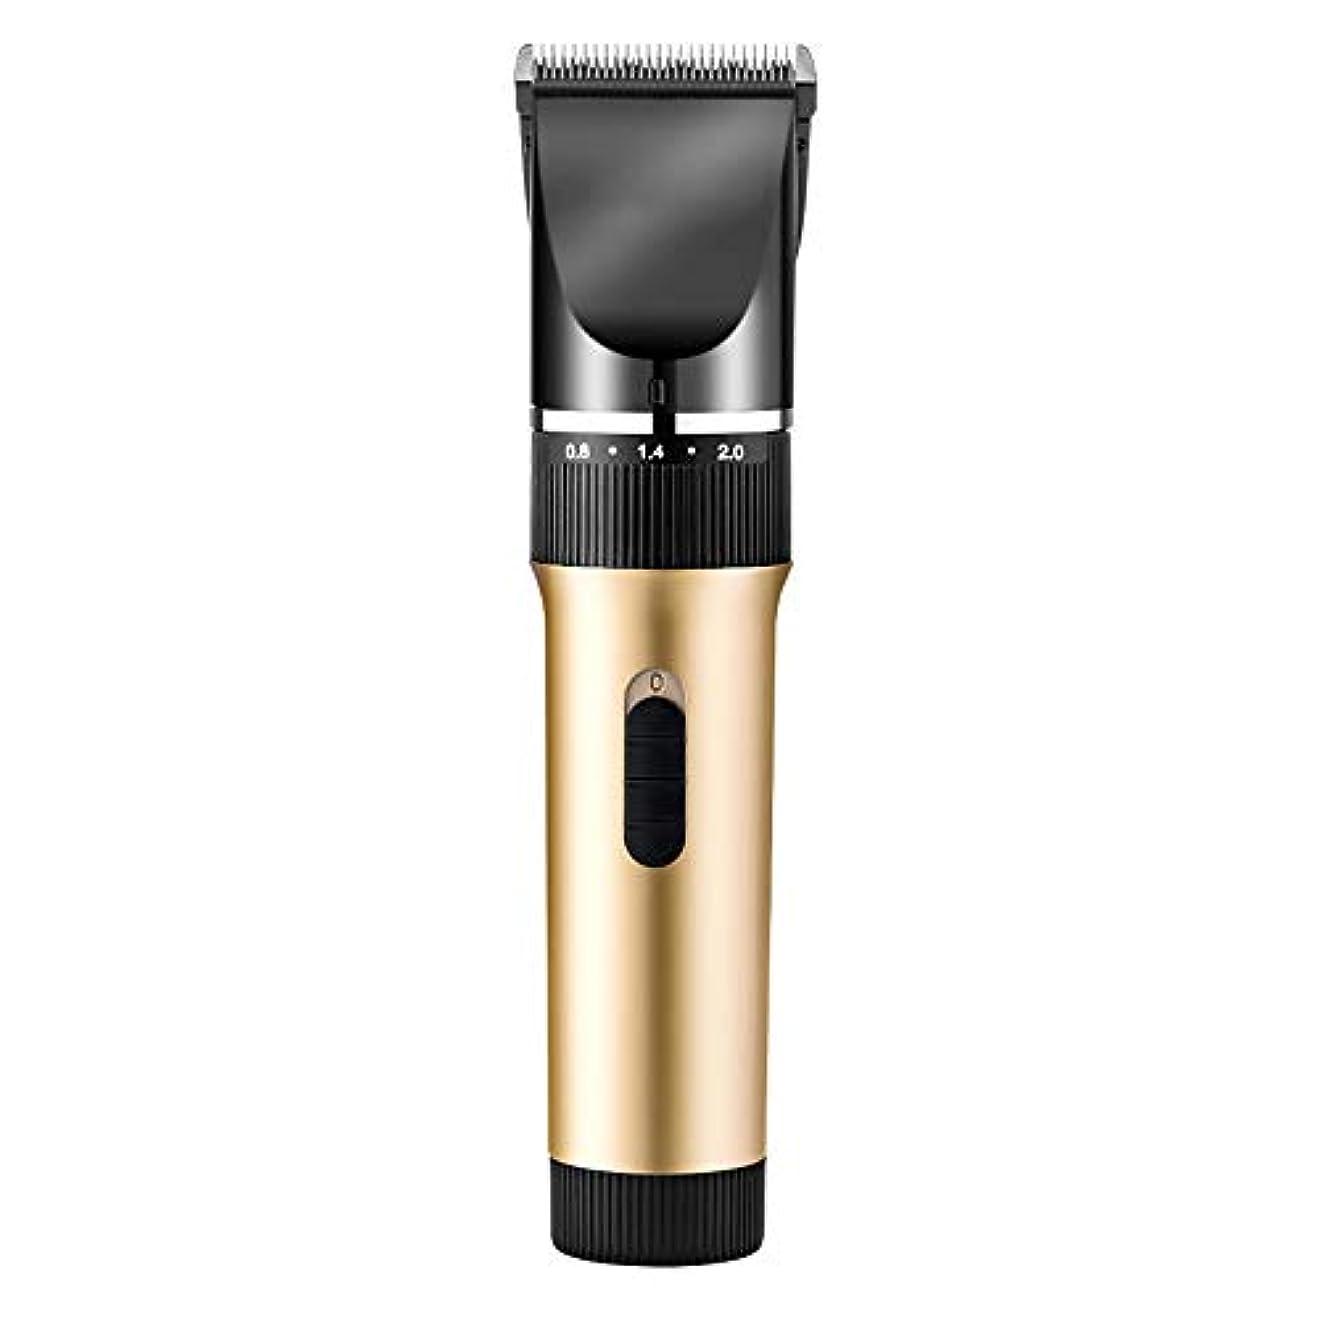 競争無数の会うCJXX 電動バリカン 家庭用 ヘアカッター シェーバー 理髪器 大人用と子供用のシェーバー ヘアカッターセット シェービング 低雑音